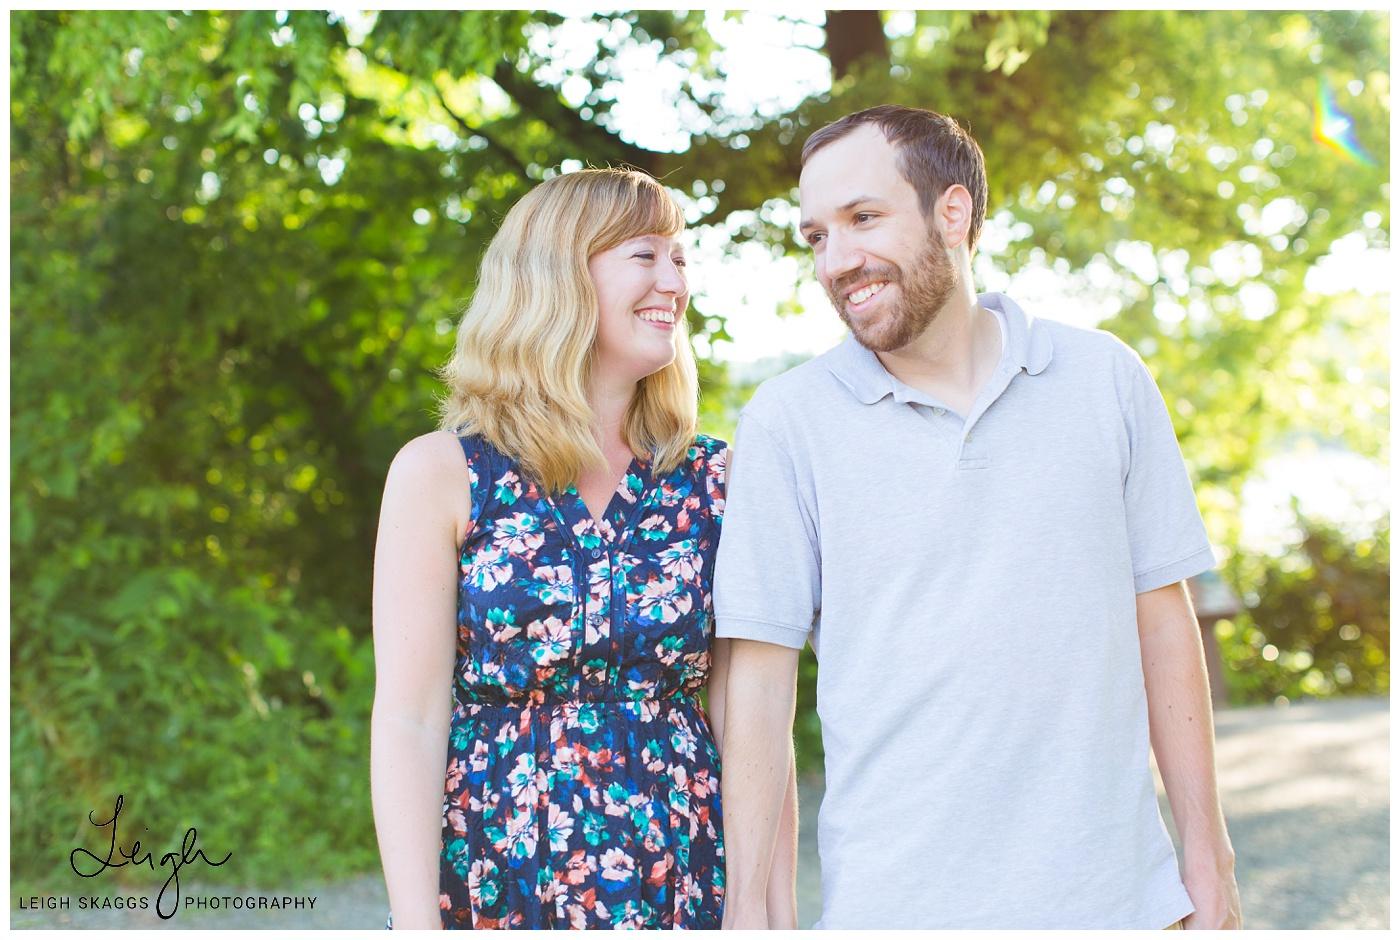 Katy & David | Belle Isle Engagement